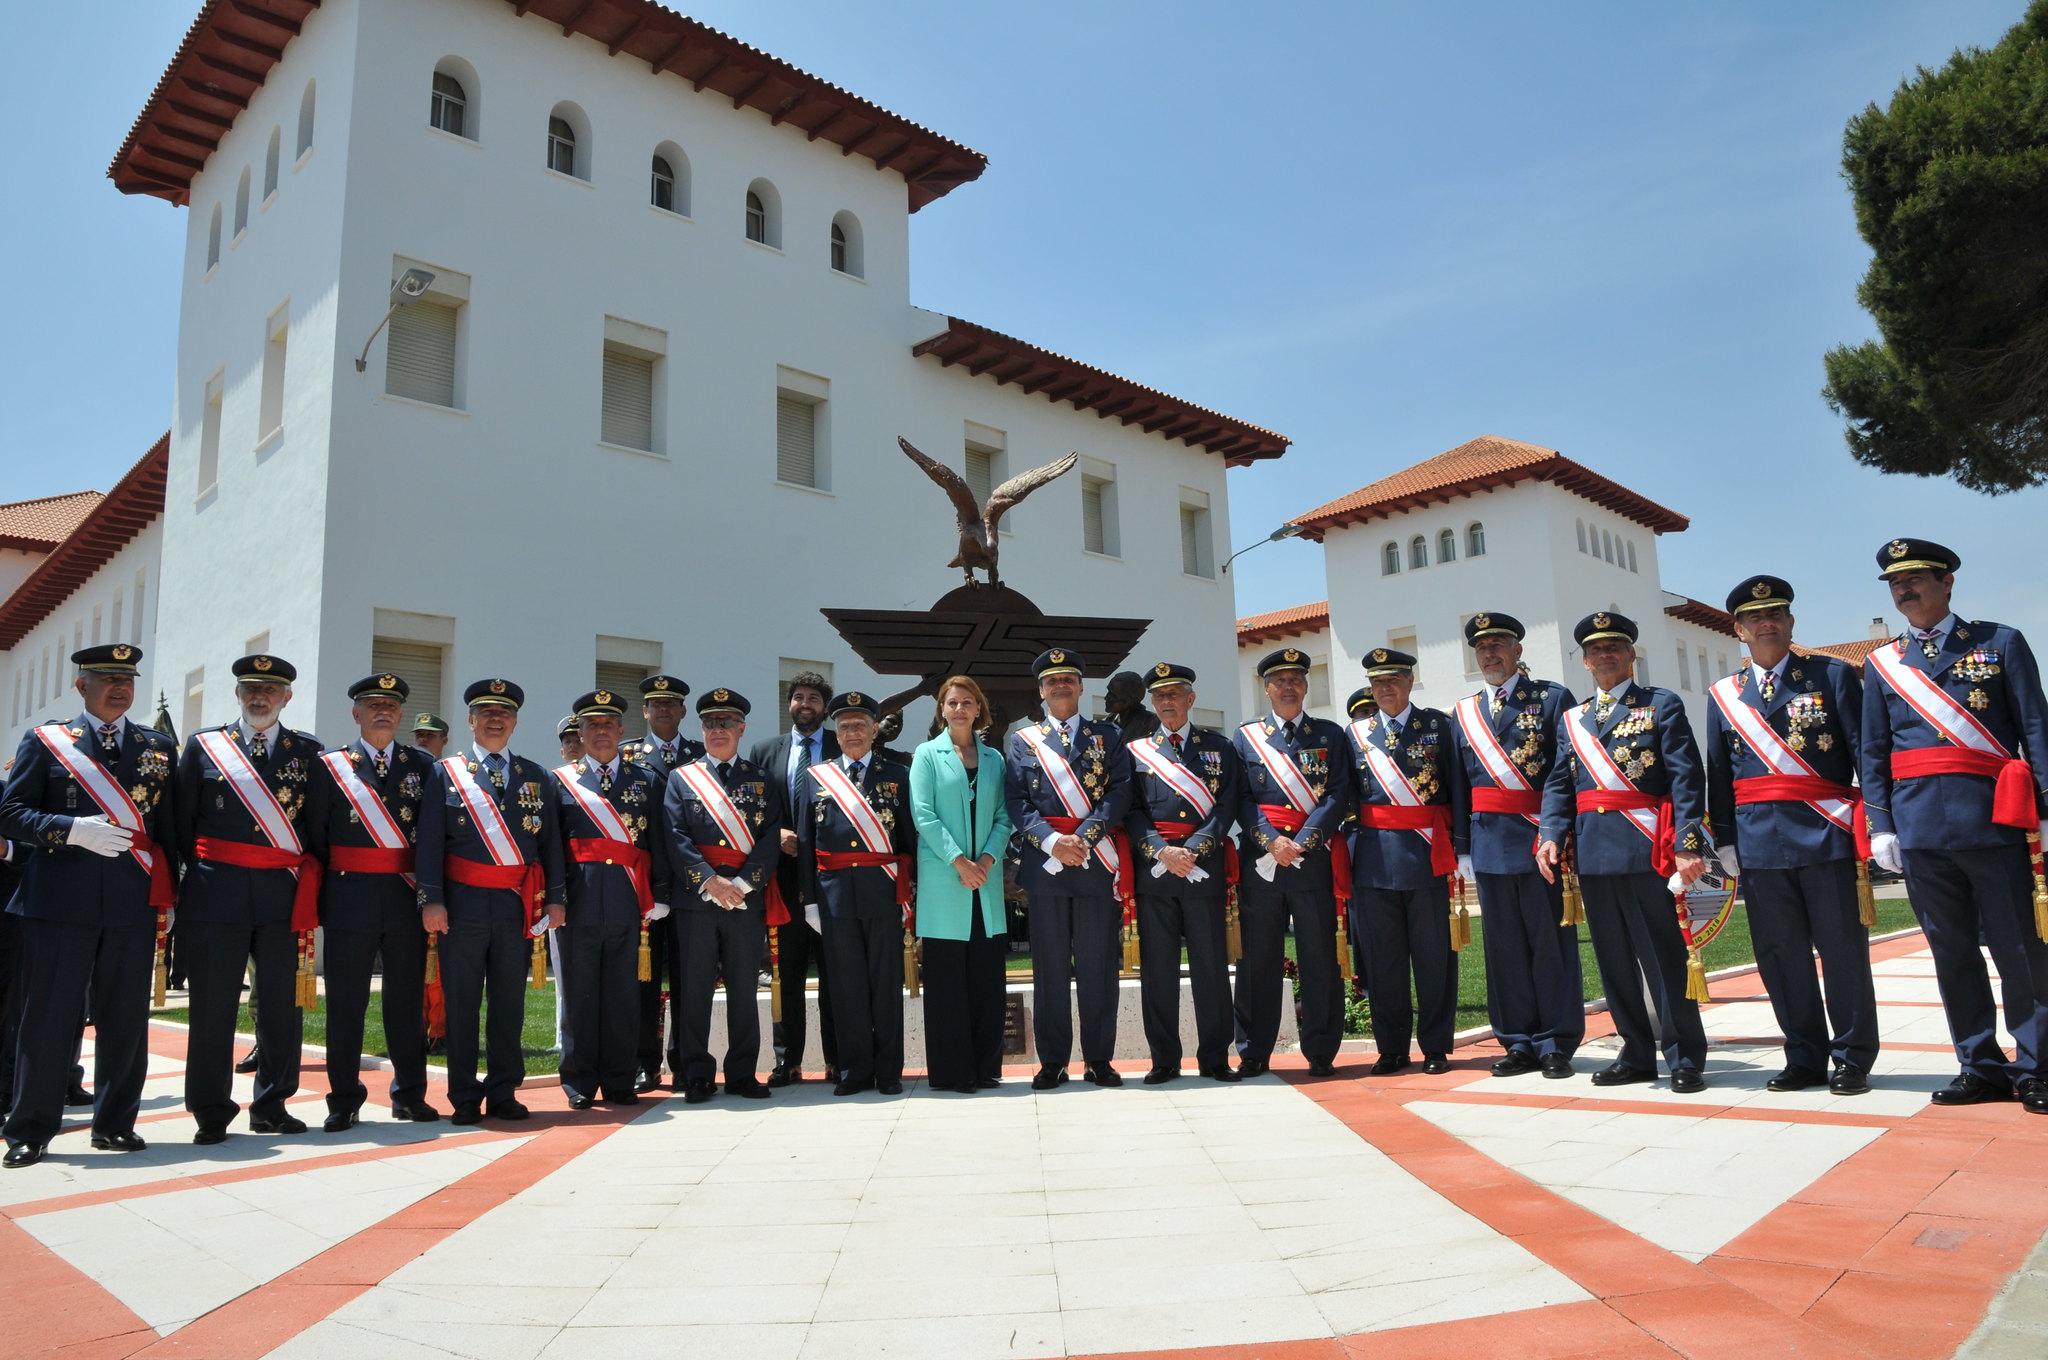 La ministra de Defensa junto a algunos de los más representativos oficiales generales que estuvieron en el acto institucional del 75 Aniversario